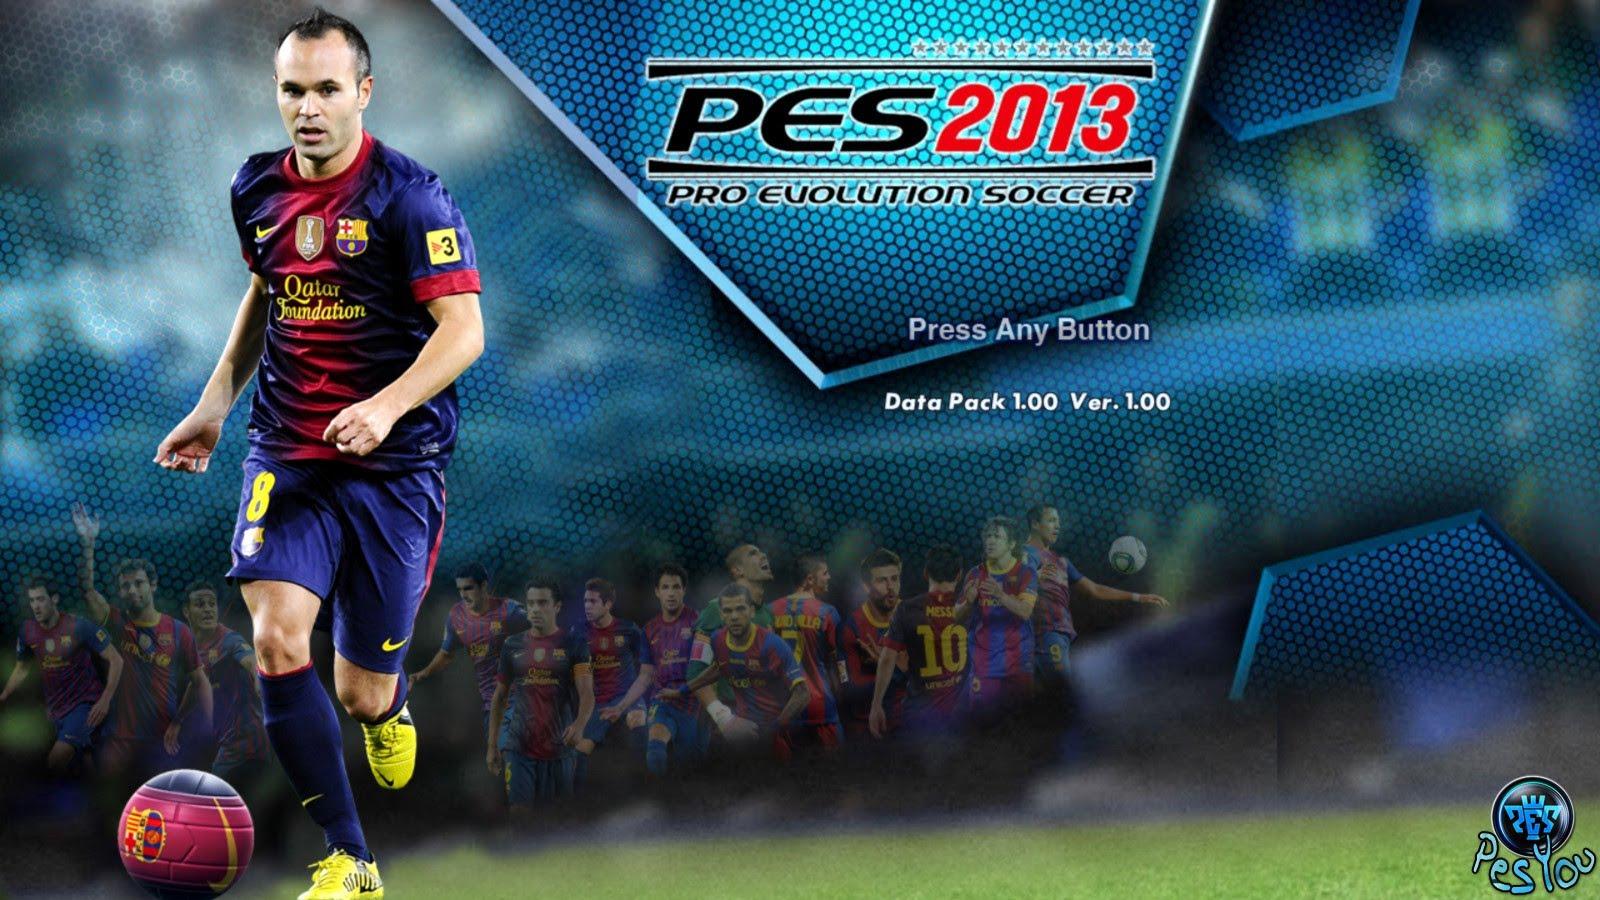 تحميل لعبة بيس 2013 كاملة للكمبيوتر مجانا برابط واحد Download PES 2013 من ميديا فاير